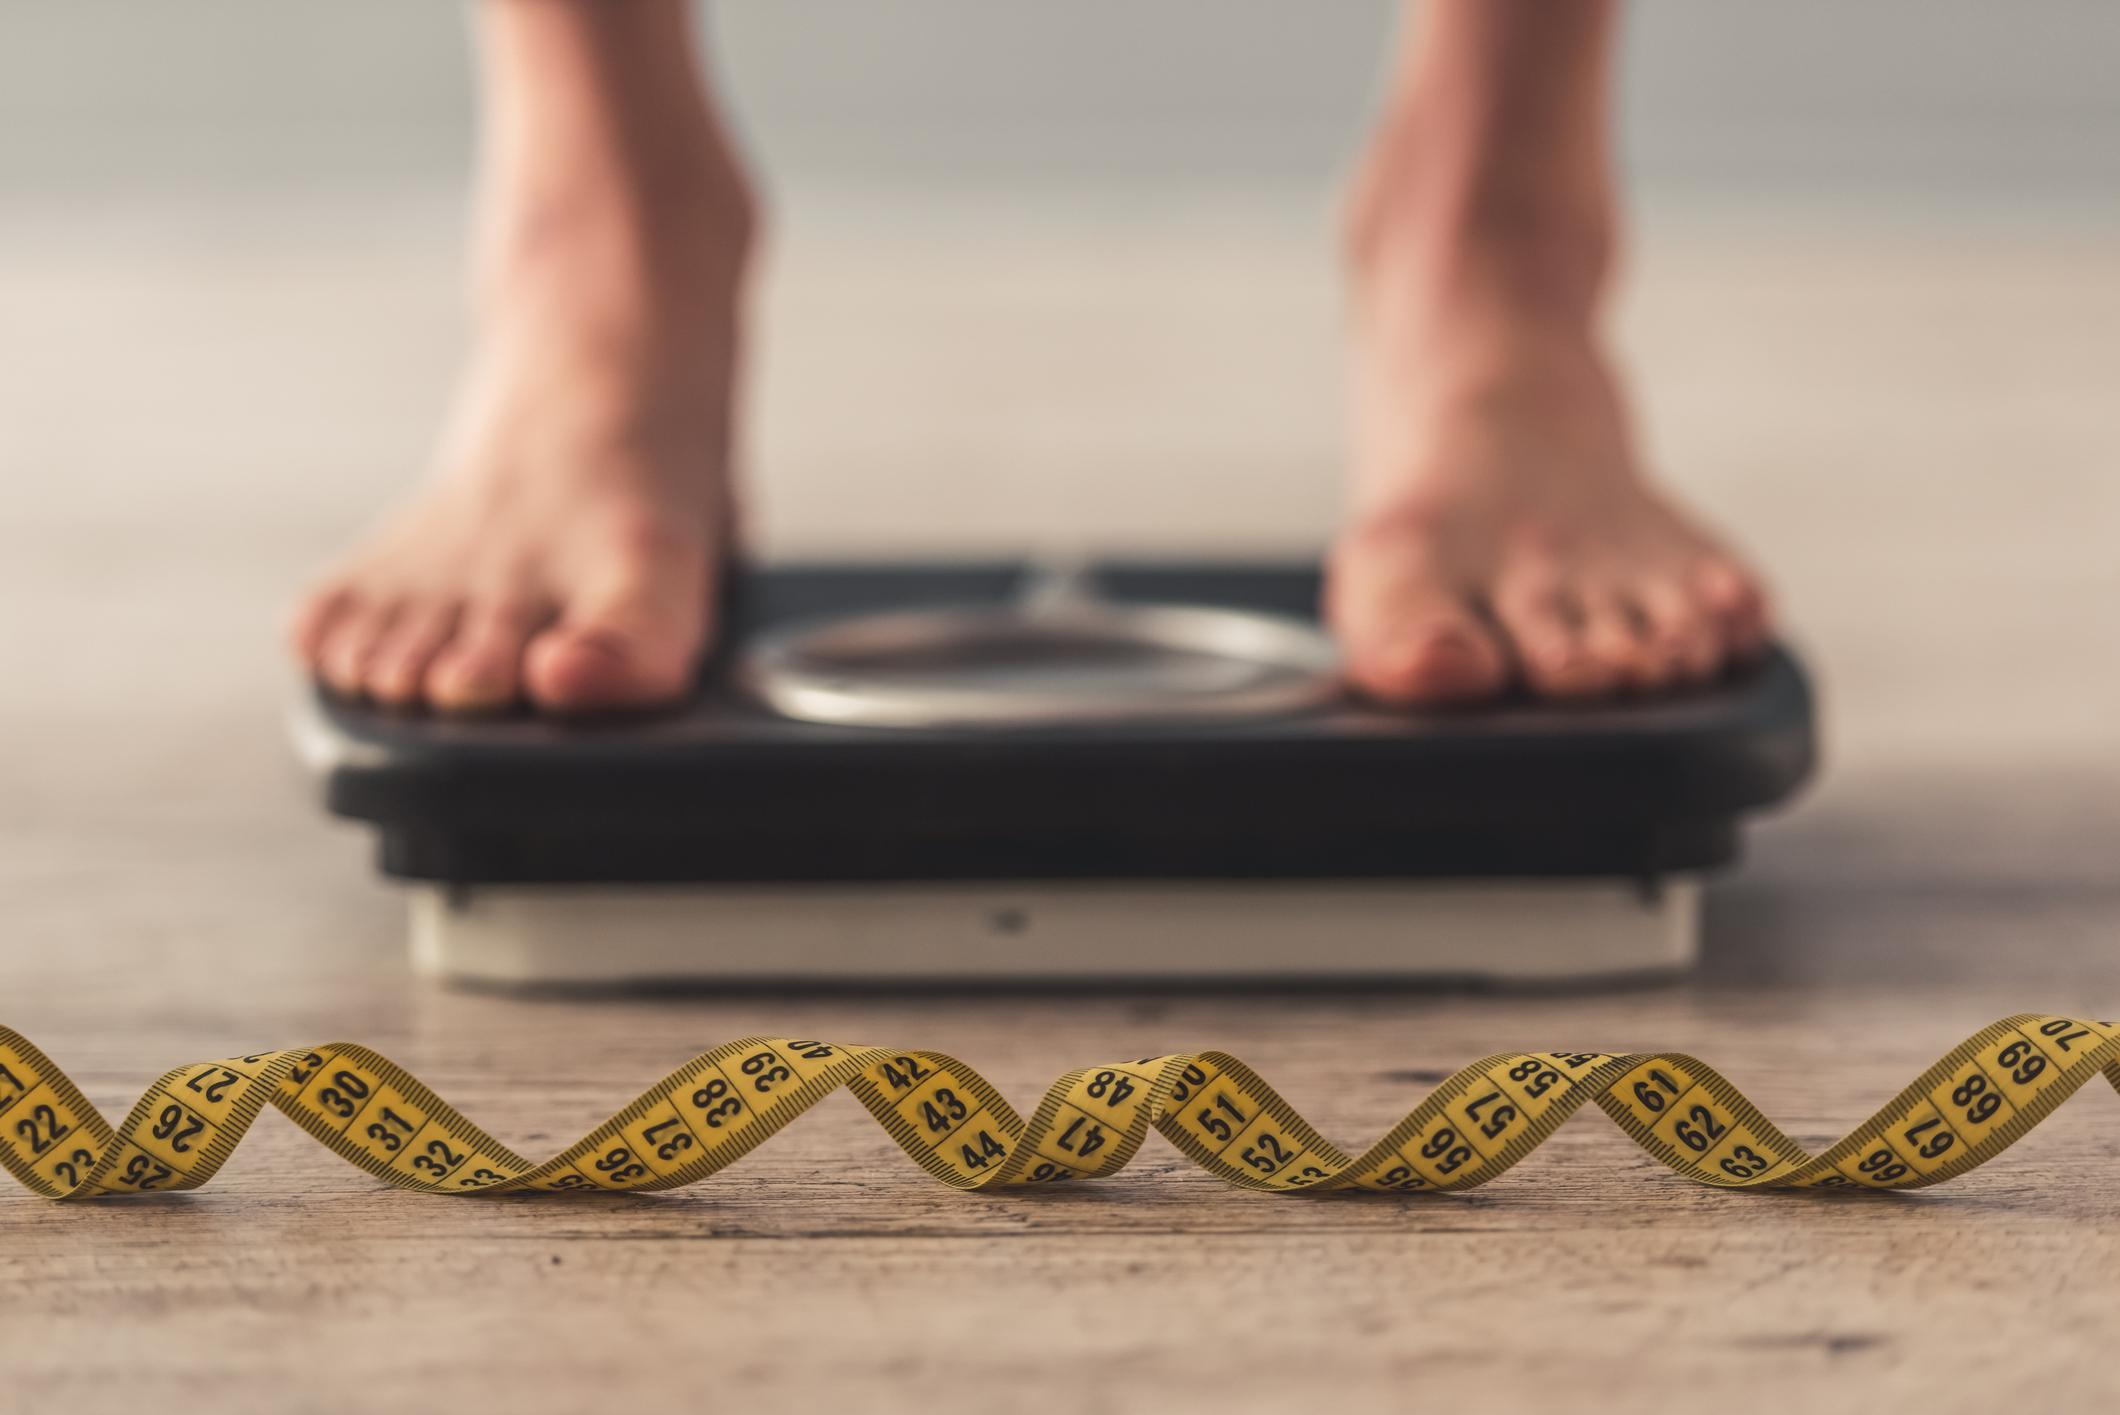 لماذا تصعب خسارة الوزن وفقًا للعلم - السعرات الحرارية التي تحتاج إليها - الوزن الذي ترغب في الحصول عليه - فقدان الوَزن بمرور الوقت